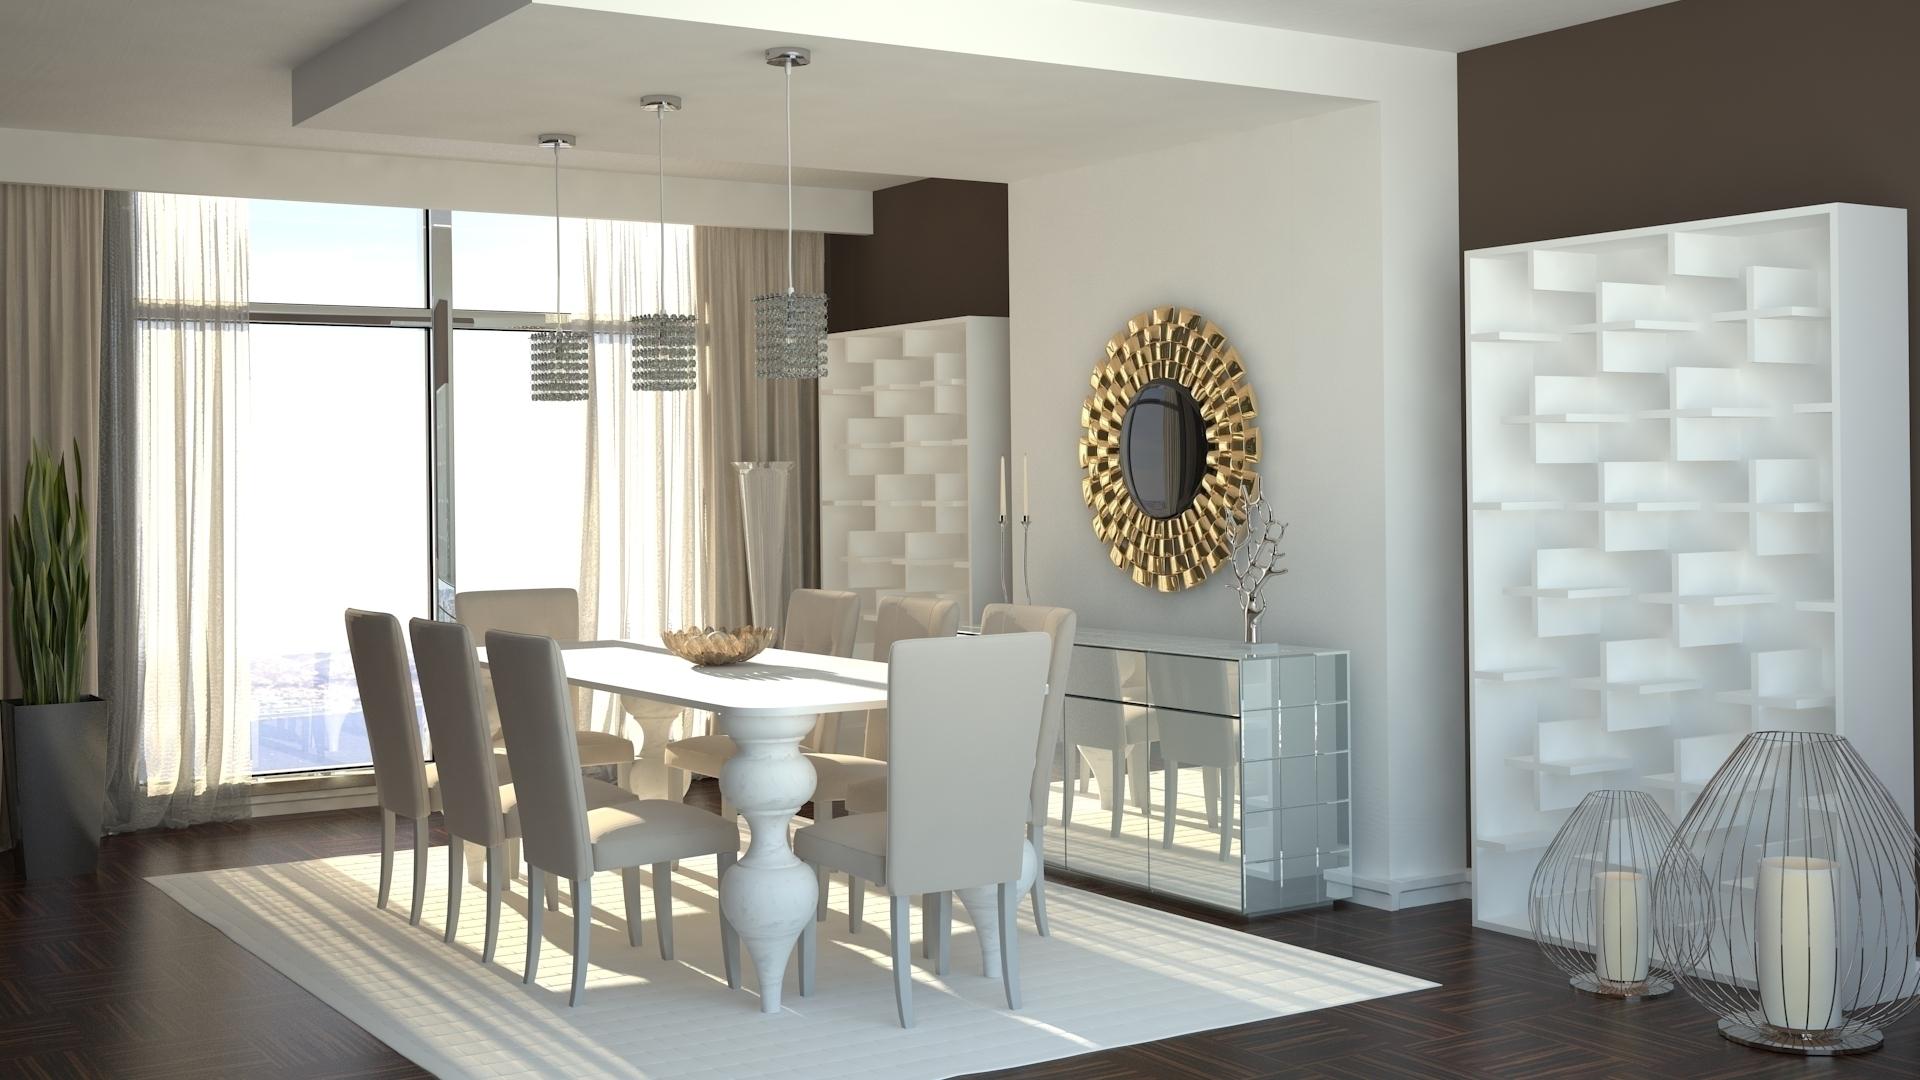 Interior Design - design, 3d, interiordesign - gab_aar | ello